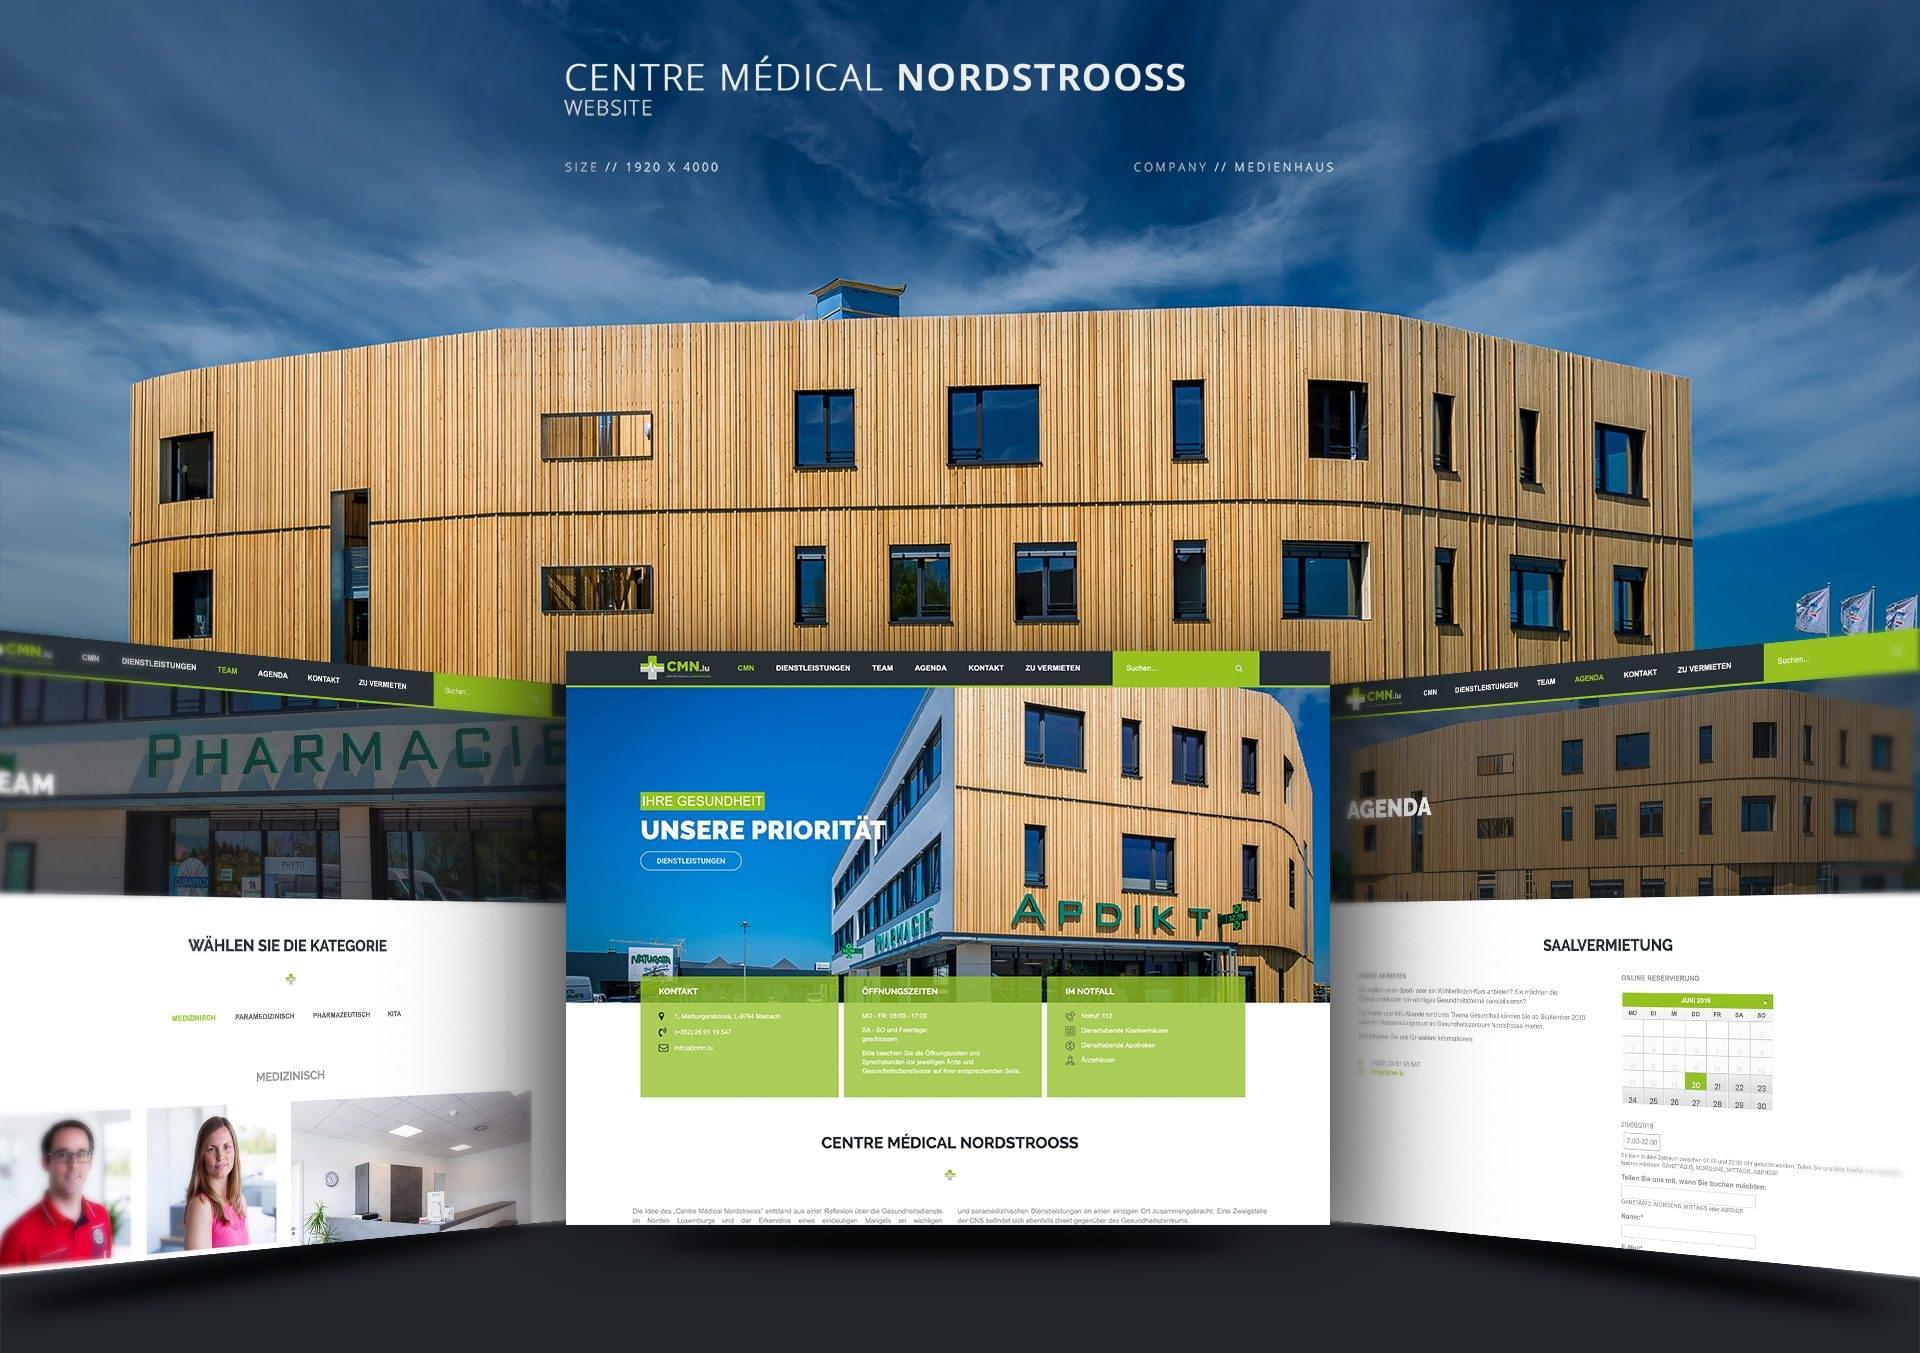 Centre Medical Nordstrooss